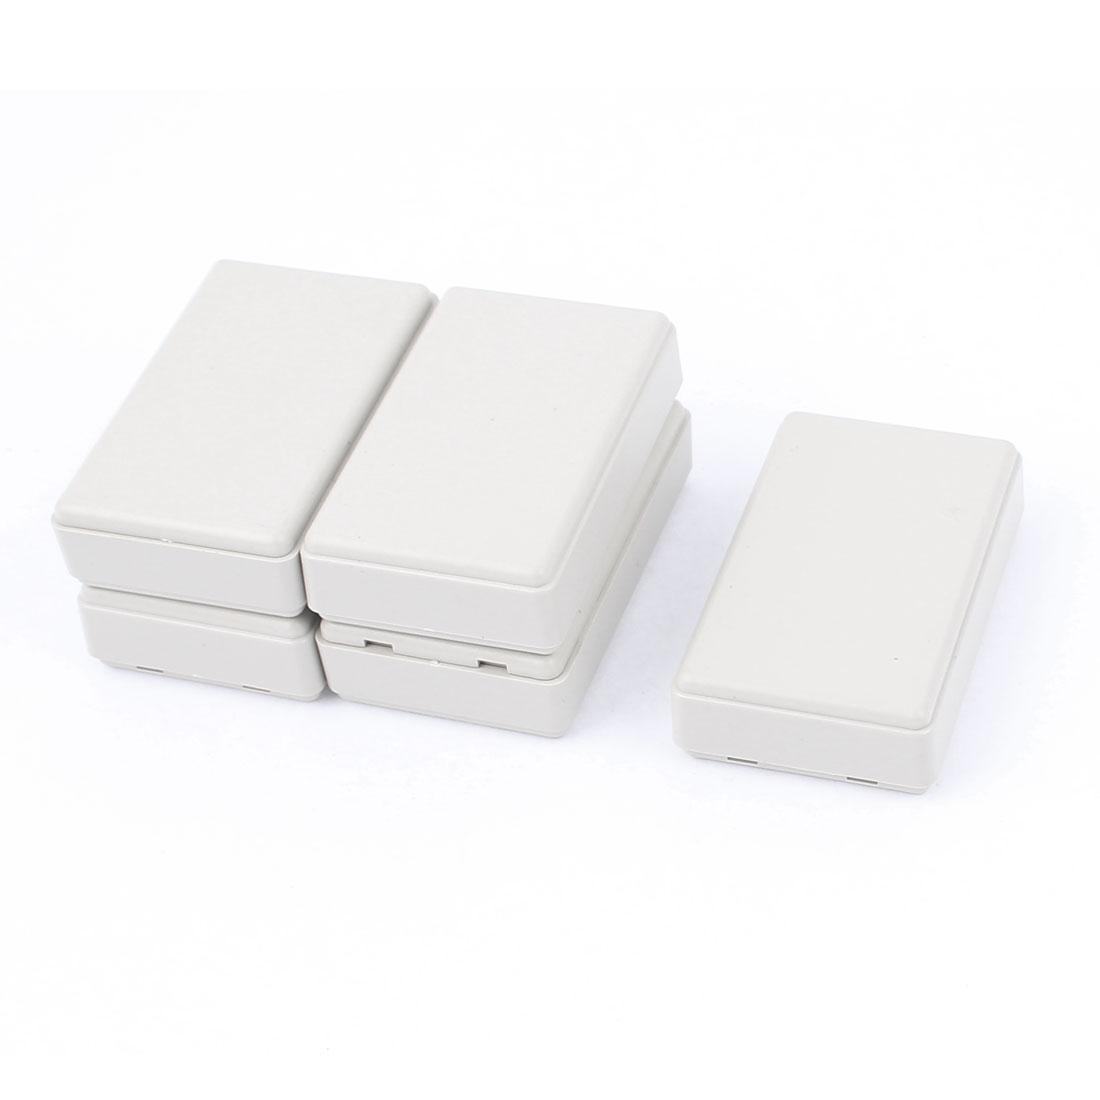 Dustproof IP65 Plastic Enclosure Cable Connect Case Junction Box 6pcs